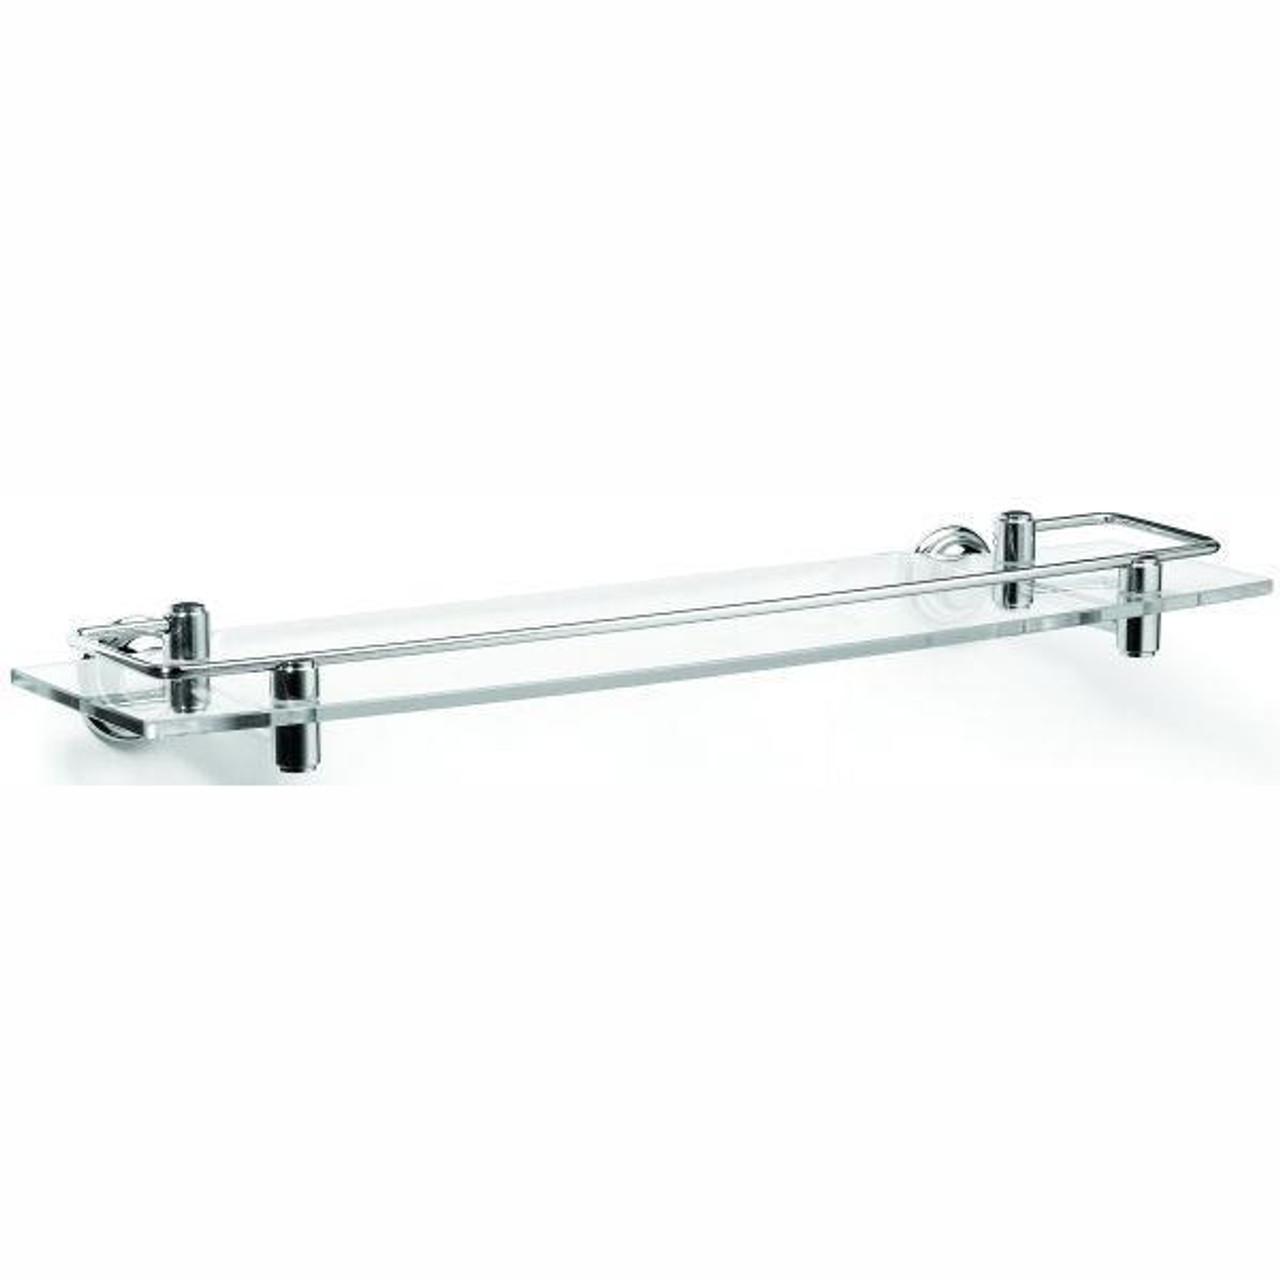 Chrome Plated Samuel Heath Fairfield Glass Shelf With Lifting Rail N9543